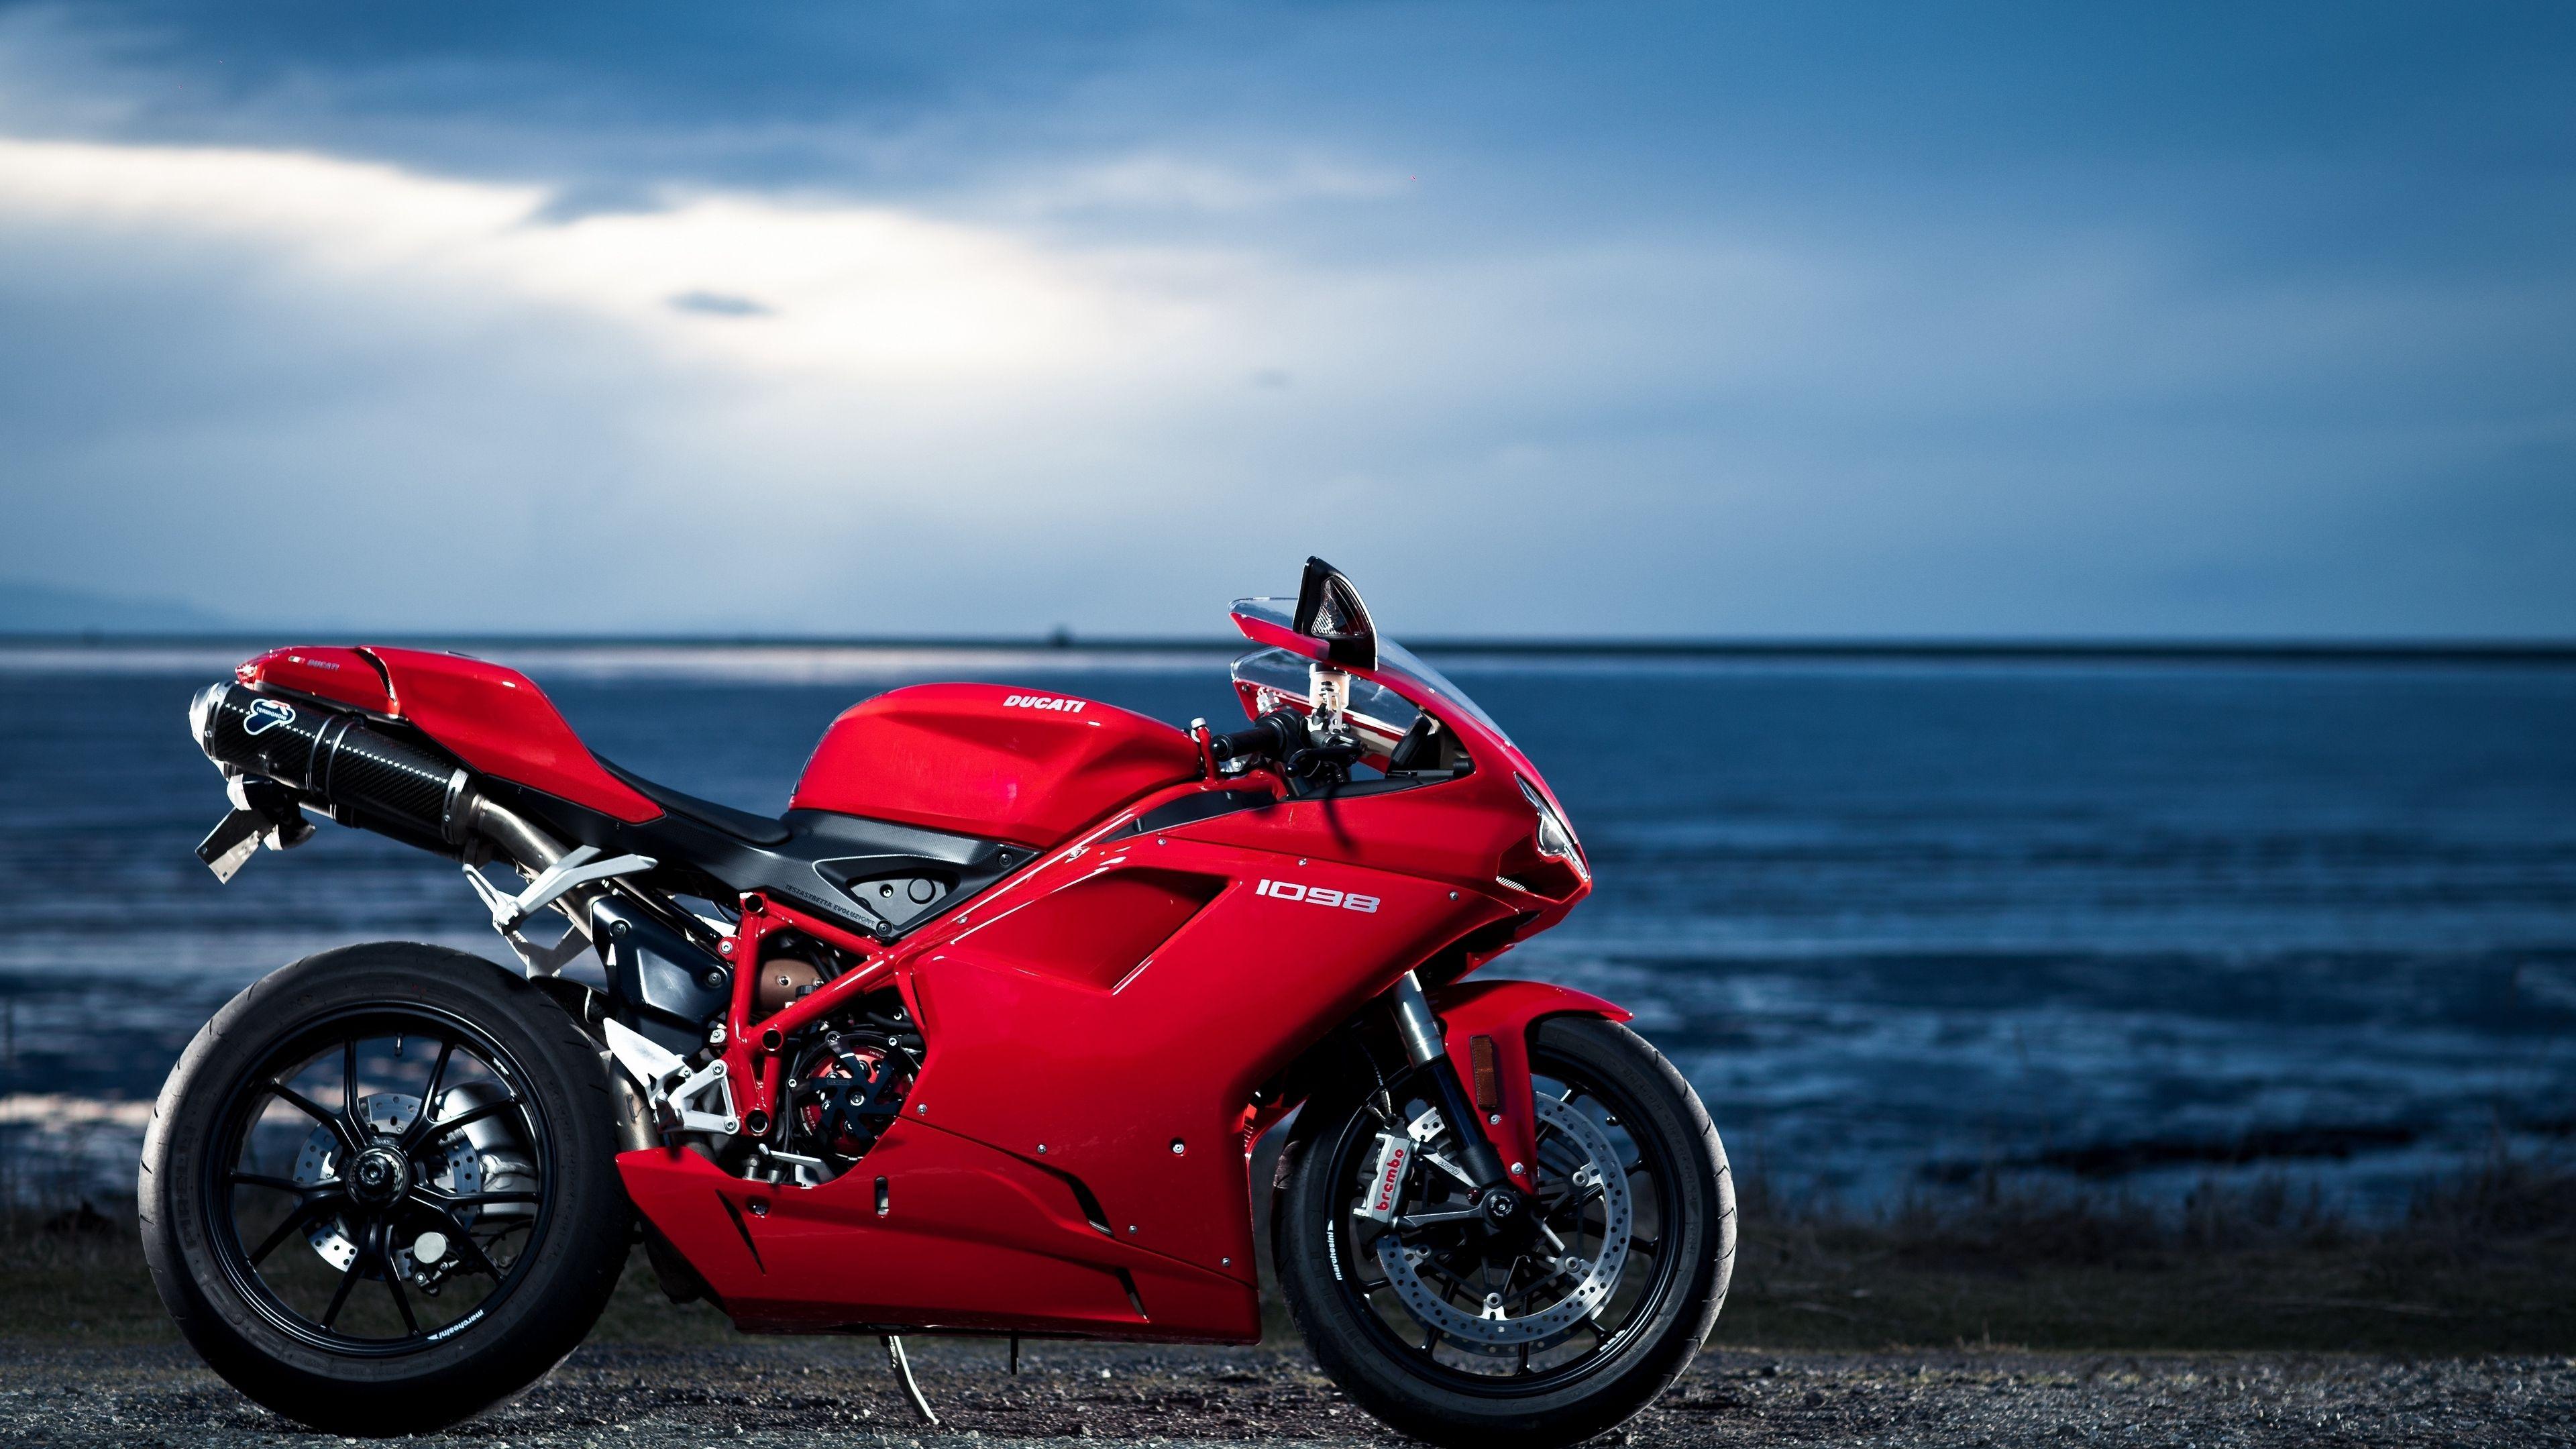 Ducati 1098 Motorcycle Sea Red 4k 4k Hd Wallpapers Ducati Ducati Motorcycles Ducati 1098s